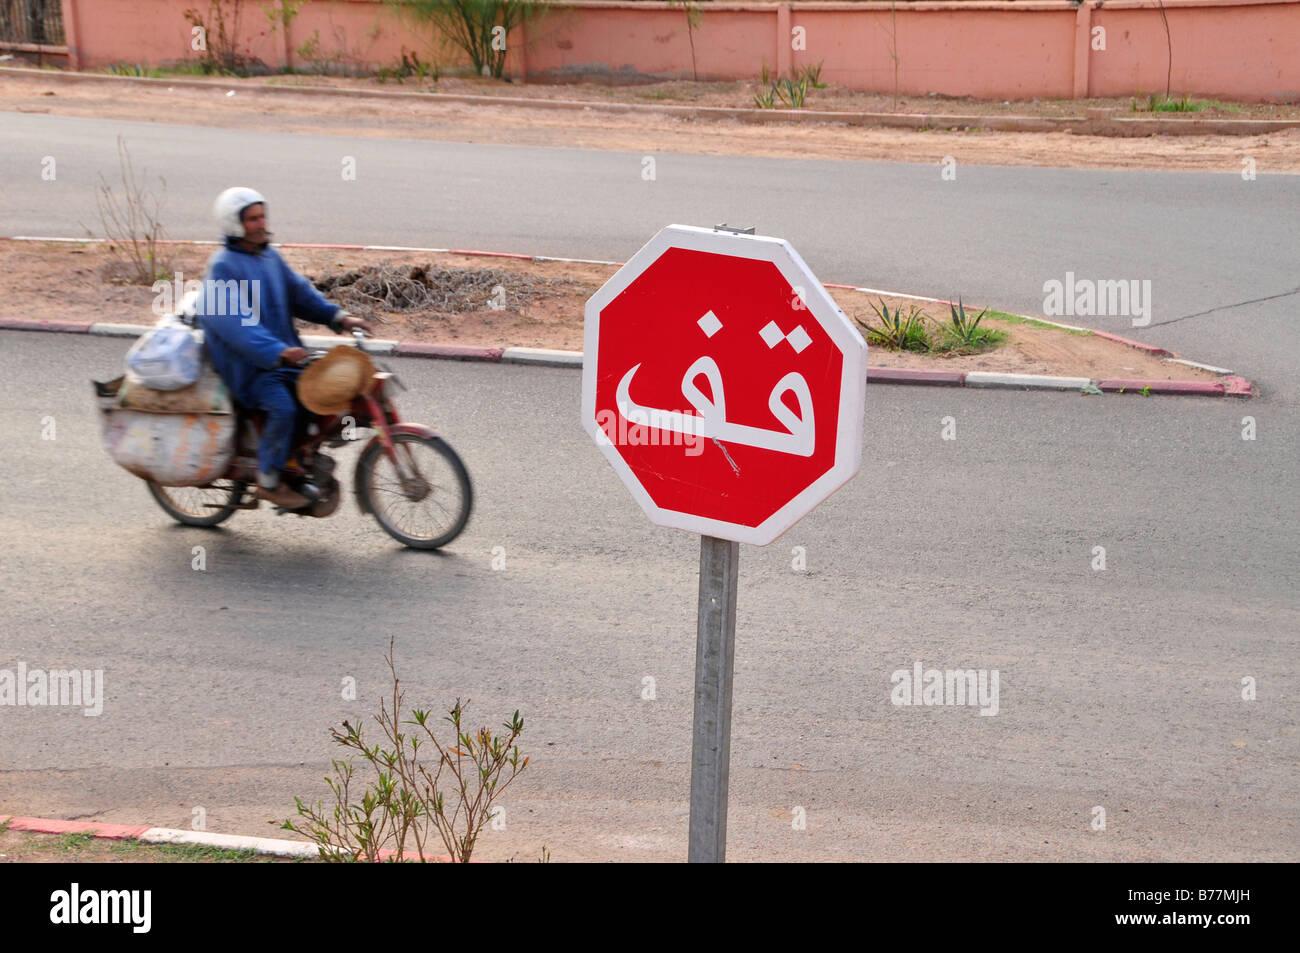 Mann auf einem Moped, Stop-Schild in Arabisch, Marrakesch, Marokko, Afrika Stockbild